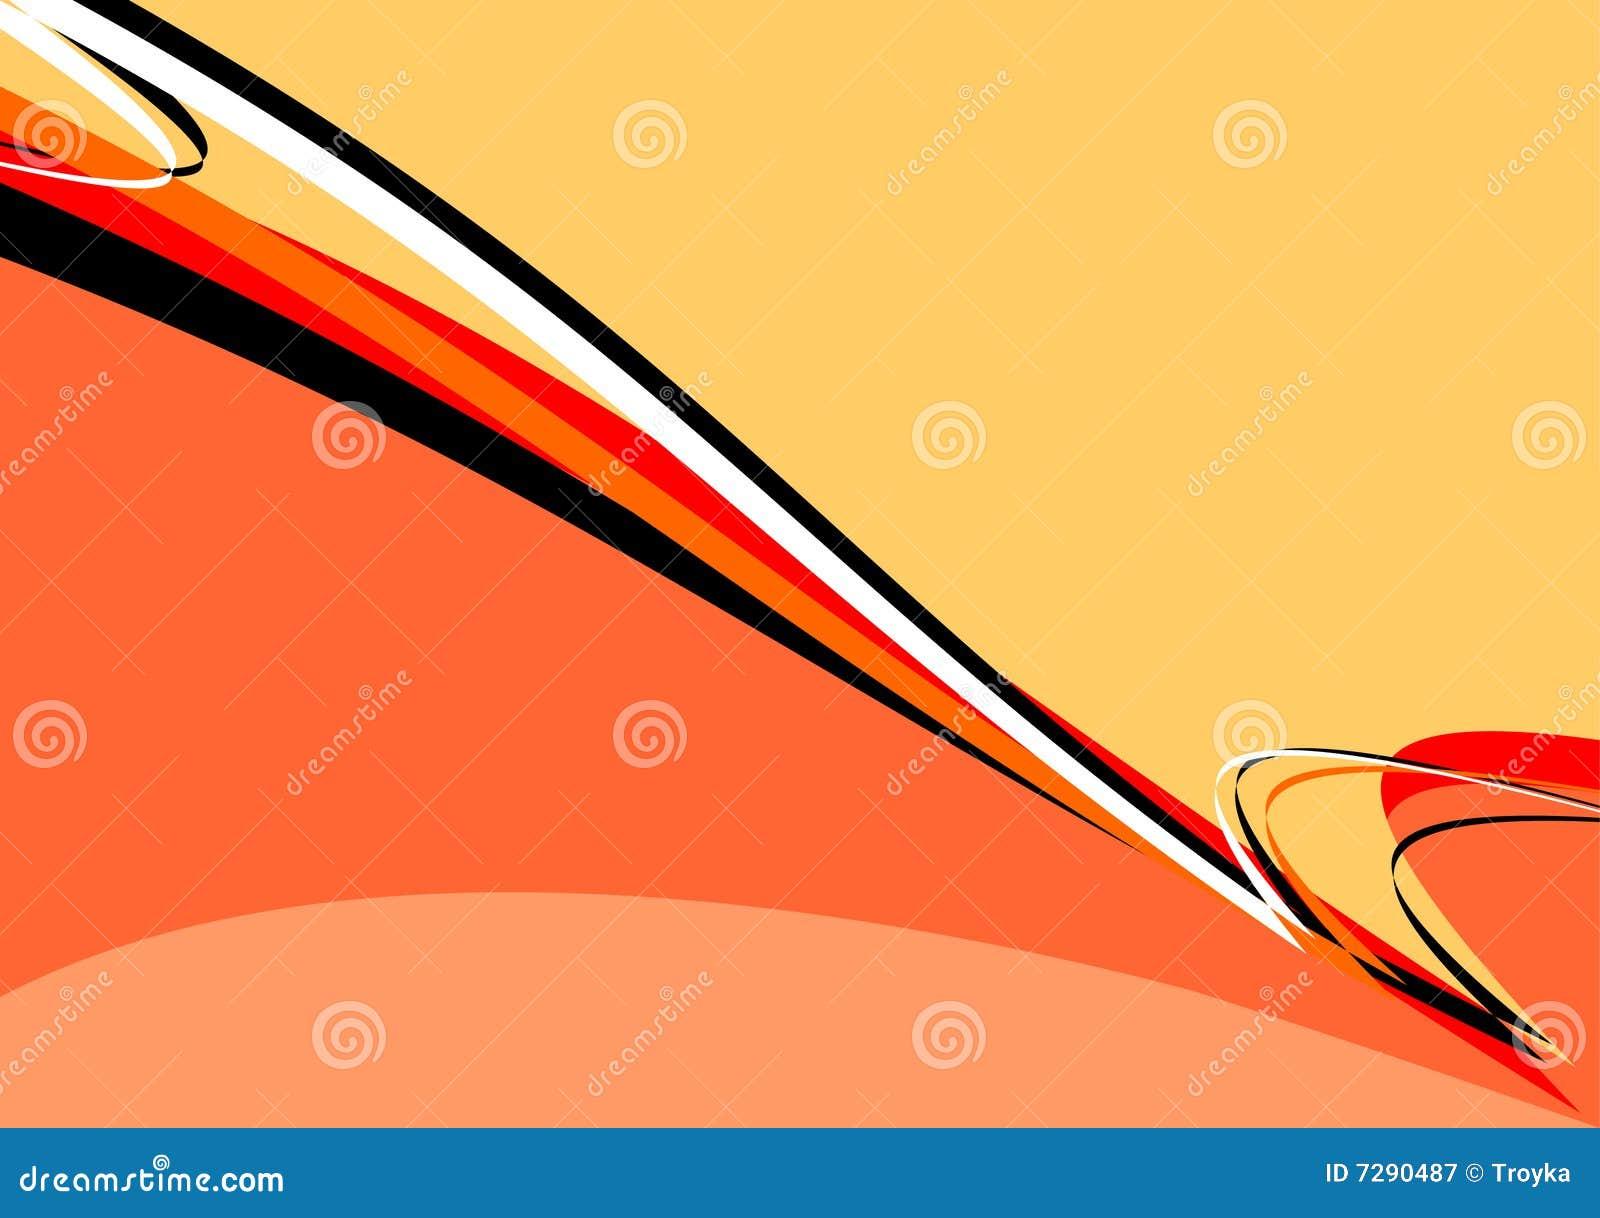 fond abstrait orange rouge jaune photographie stock libre de droits image 7290487. Black Bedroom Furniture Sets. Home Design Ideas